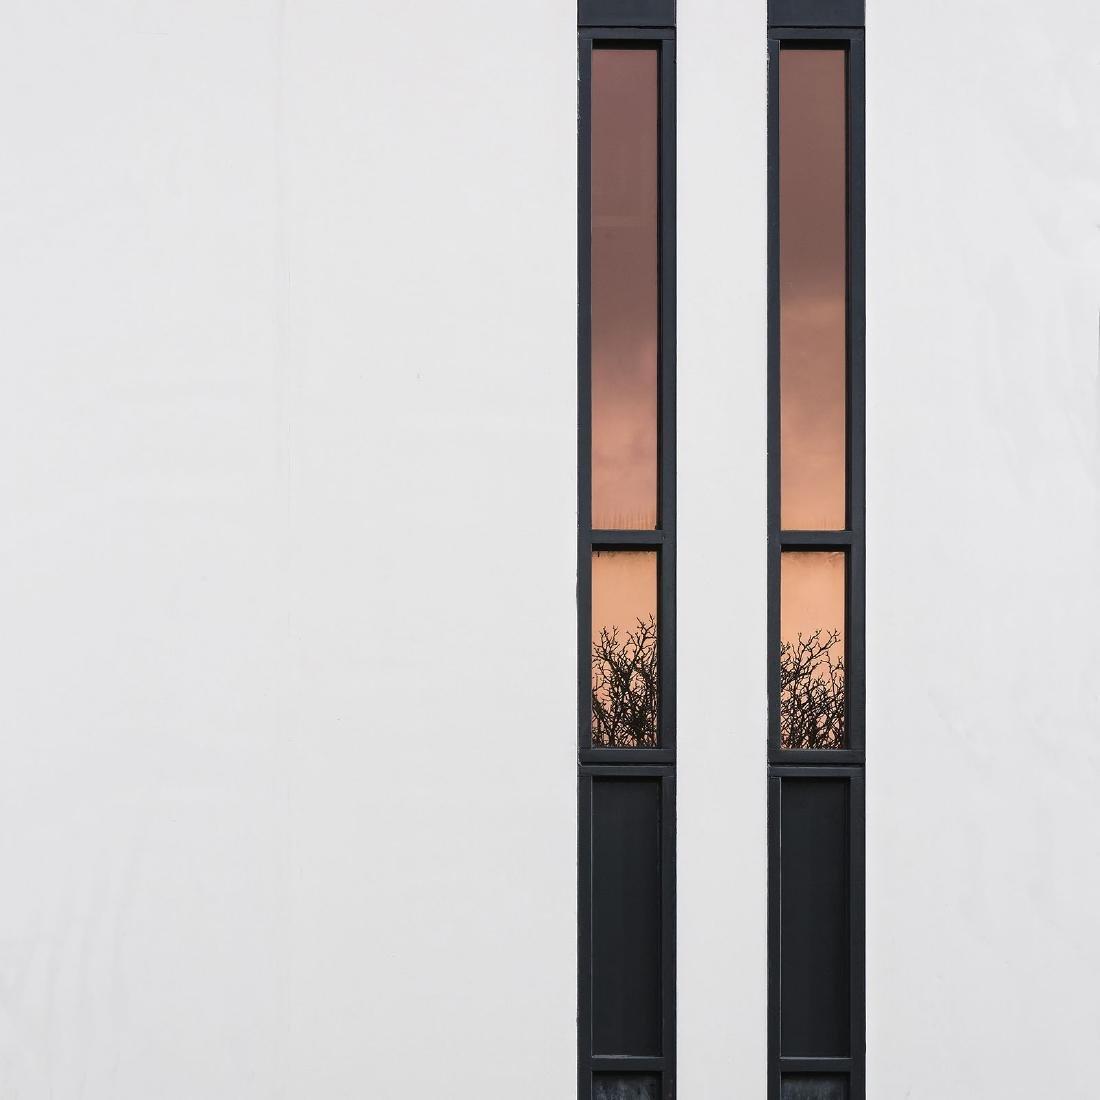 Chris Fraikin Photograph Reflection I